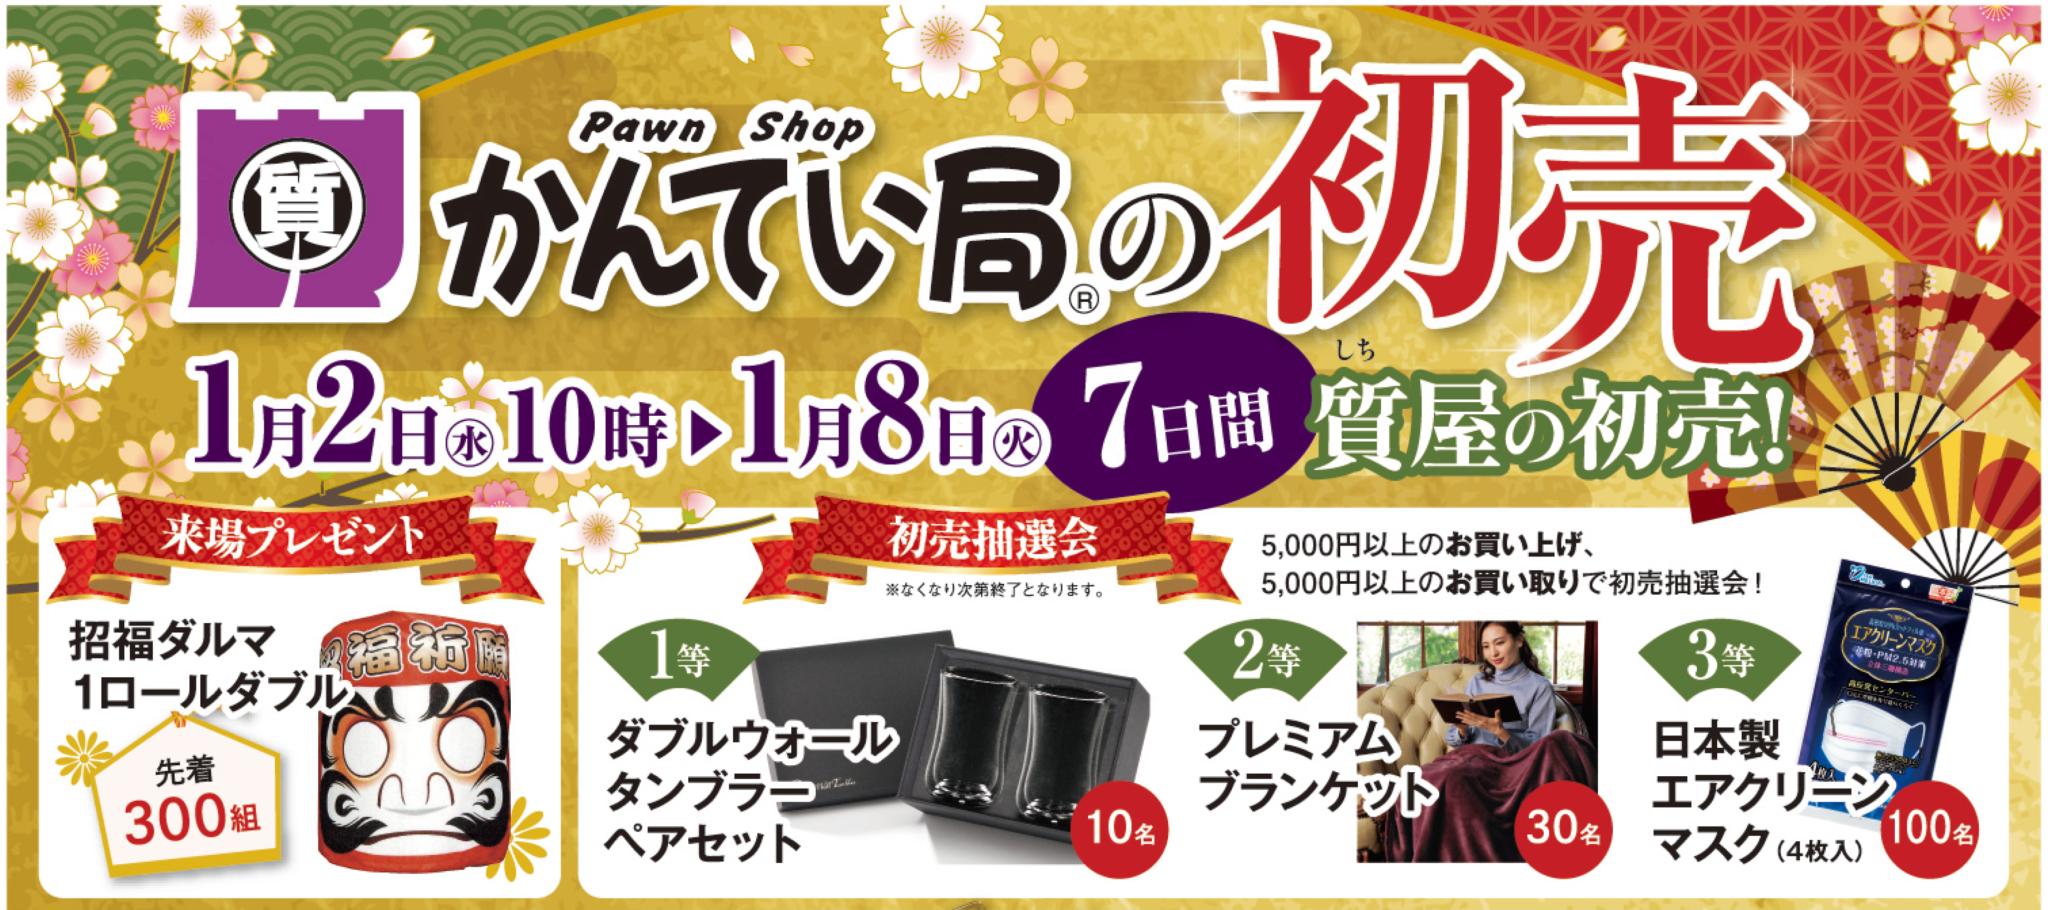 かんてい局盛岡店の初売りは1月2日から7(しち)日間!